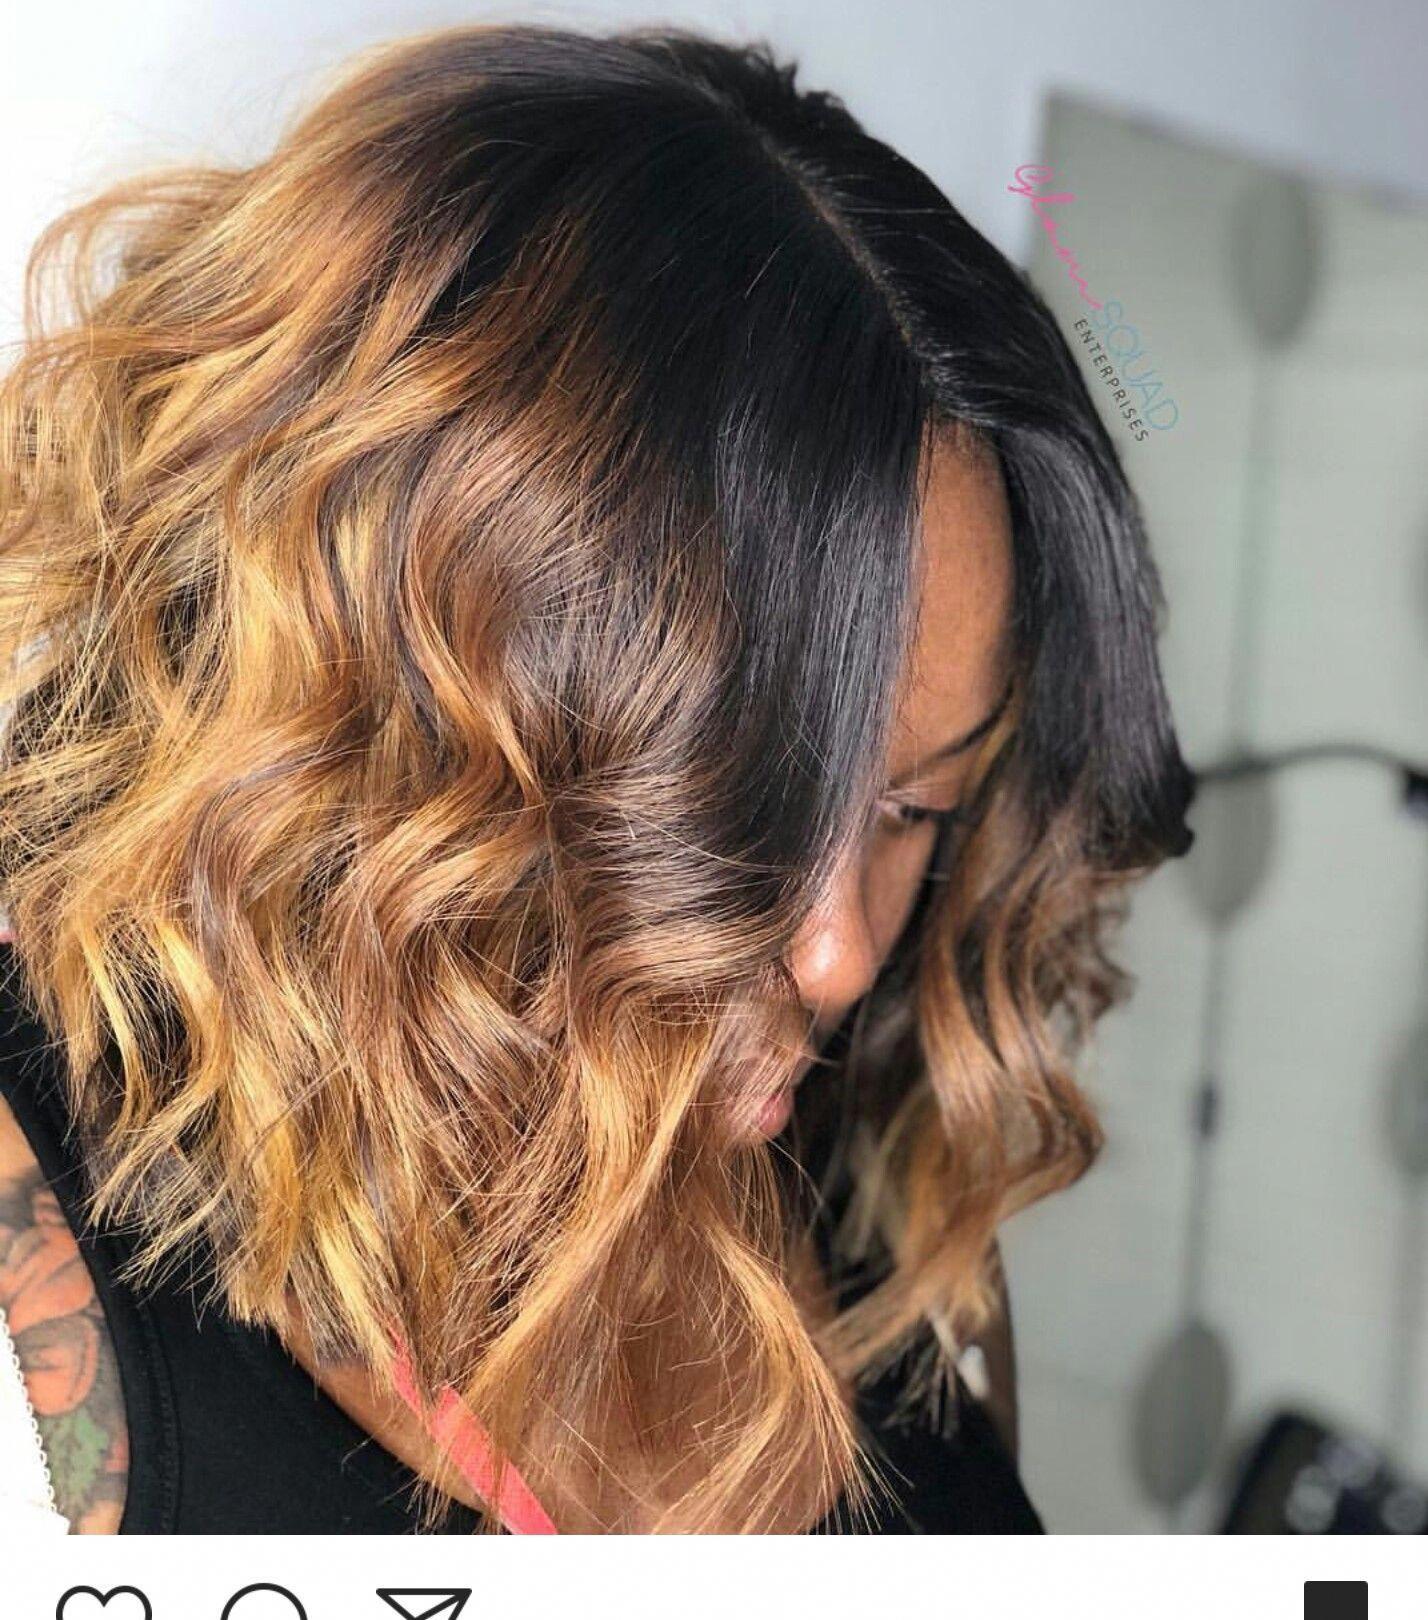 Epingle Par Madie Baha Bi Sur Styles De Coiffures Cheveux Coiffure Cheveux Naturels Modele Coiffure